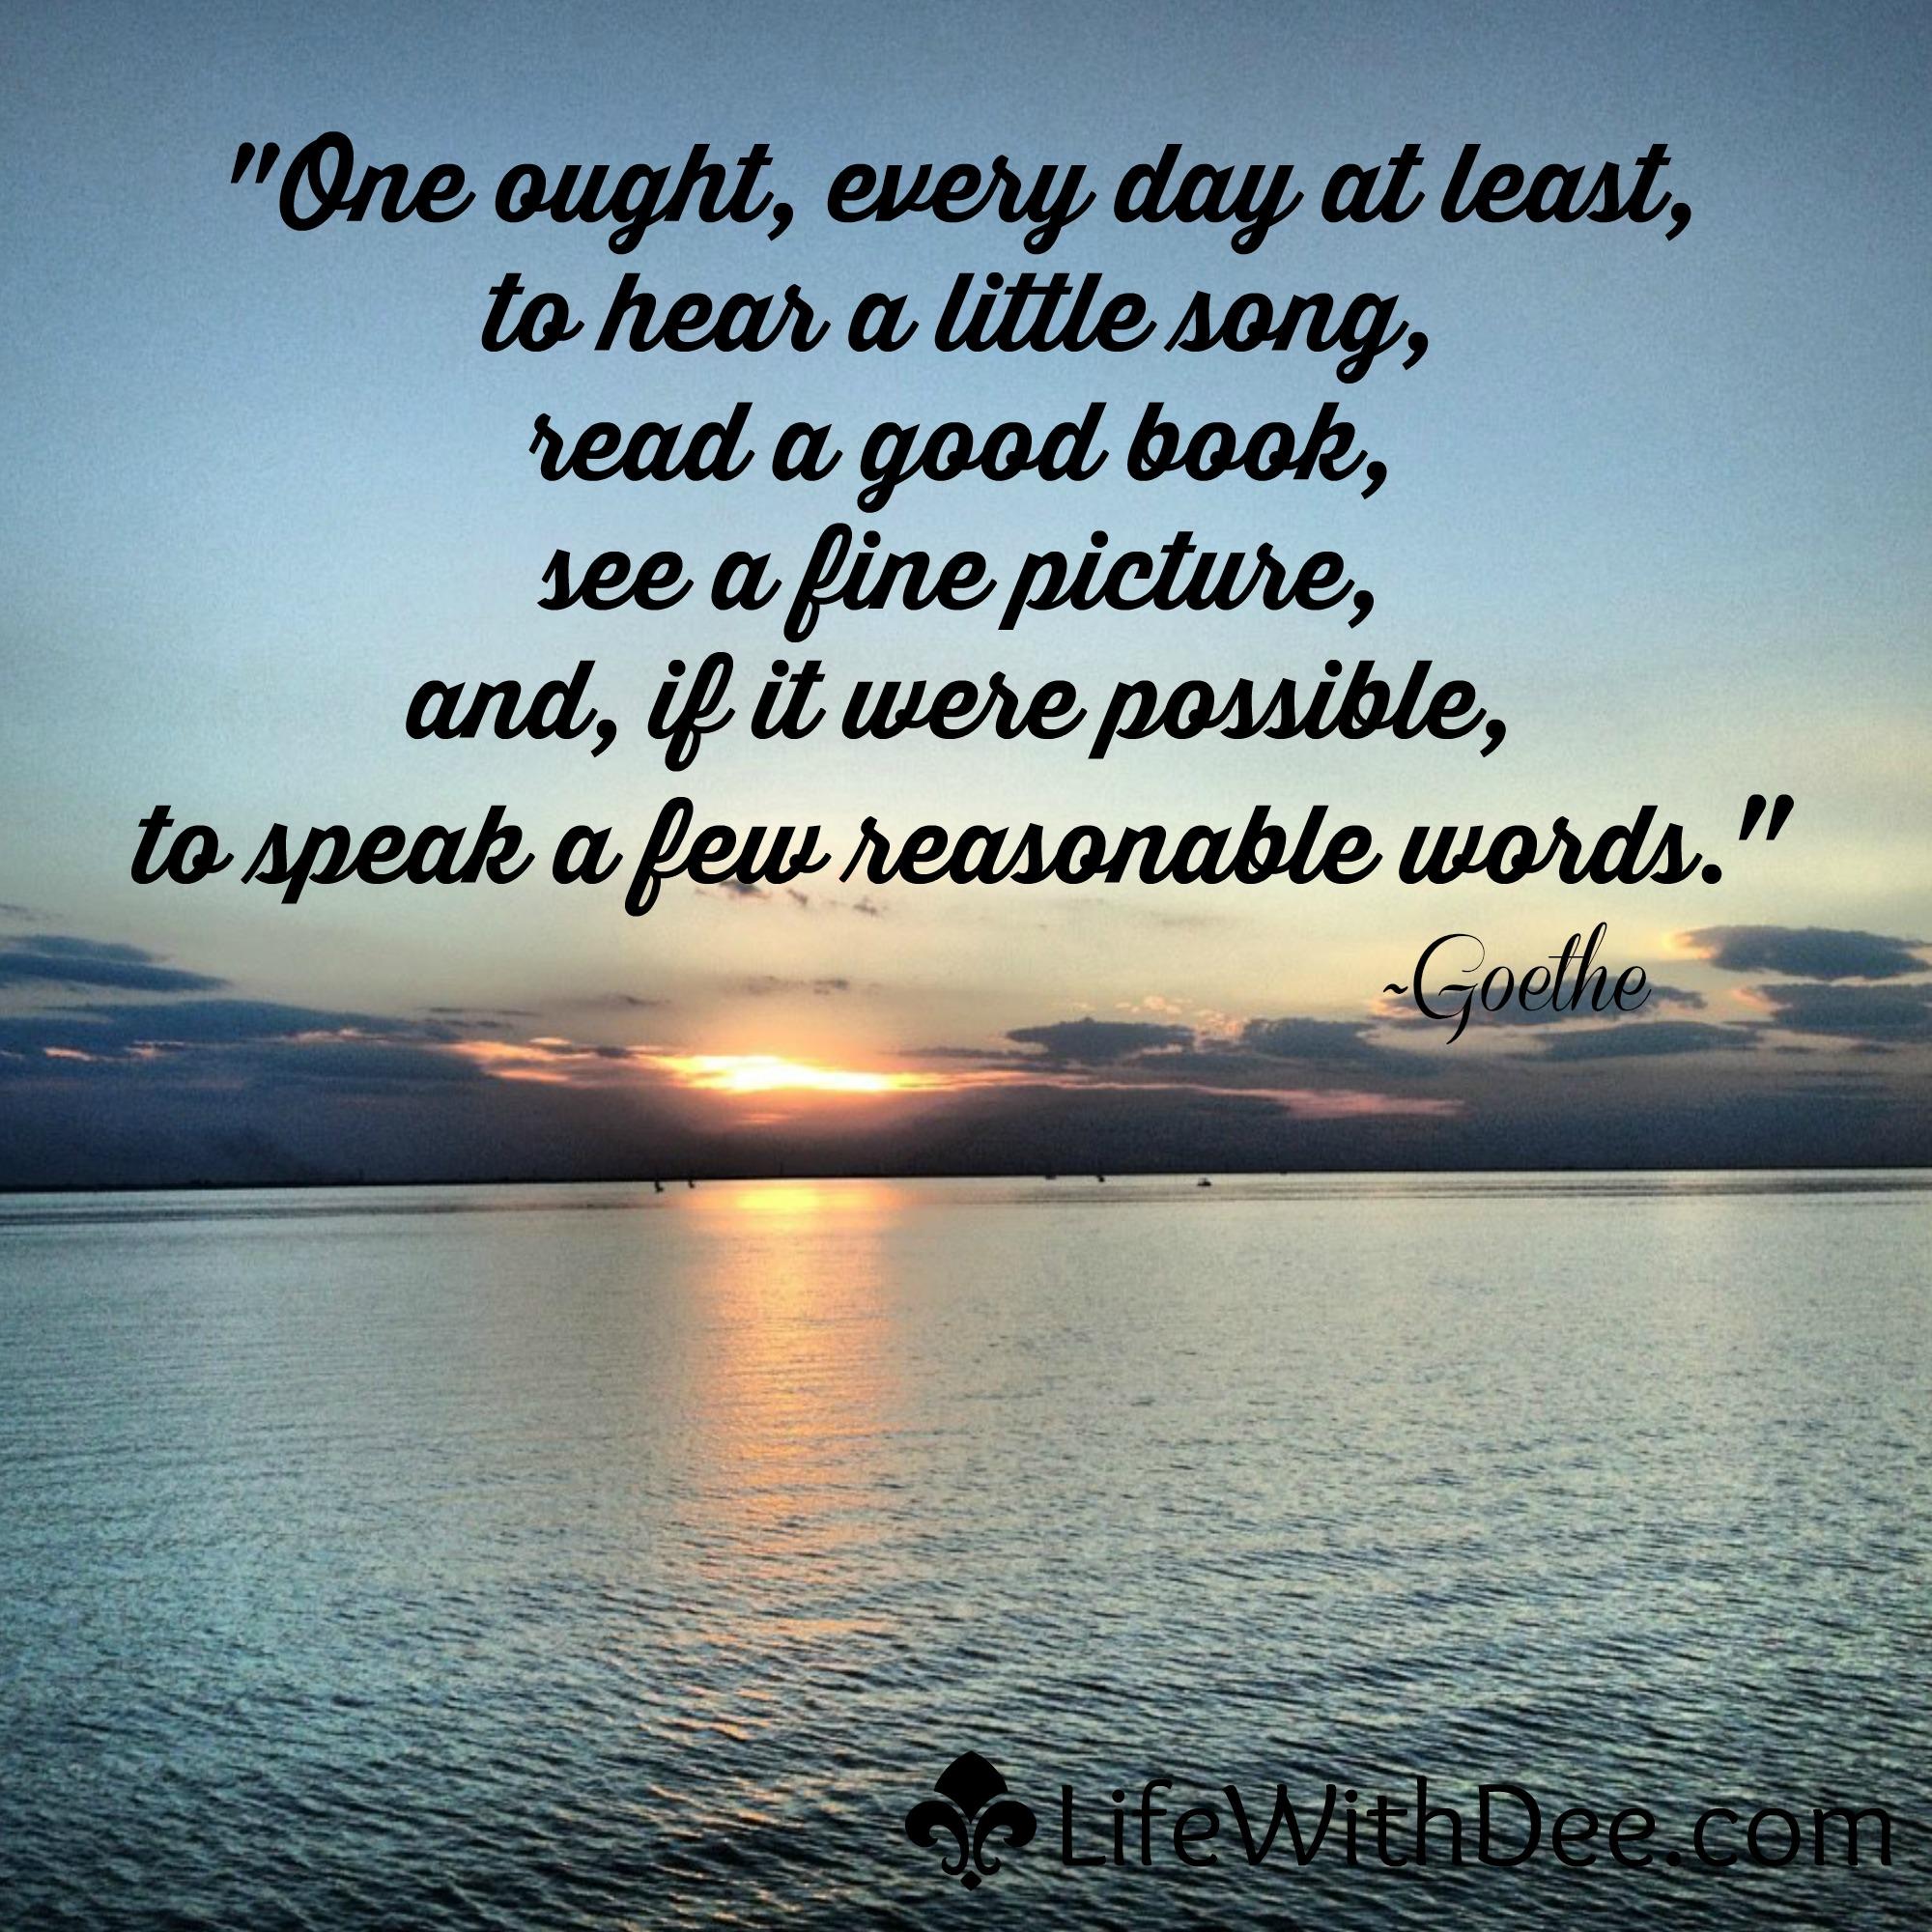 A few reasonable words...